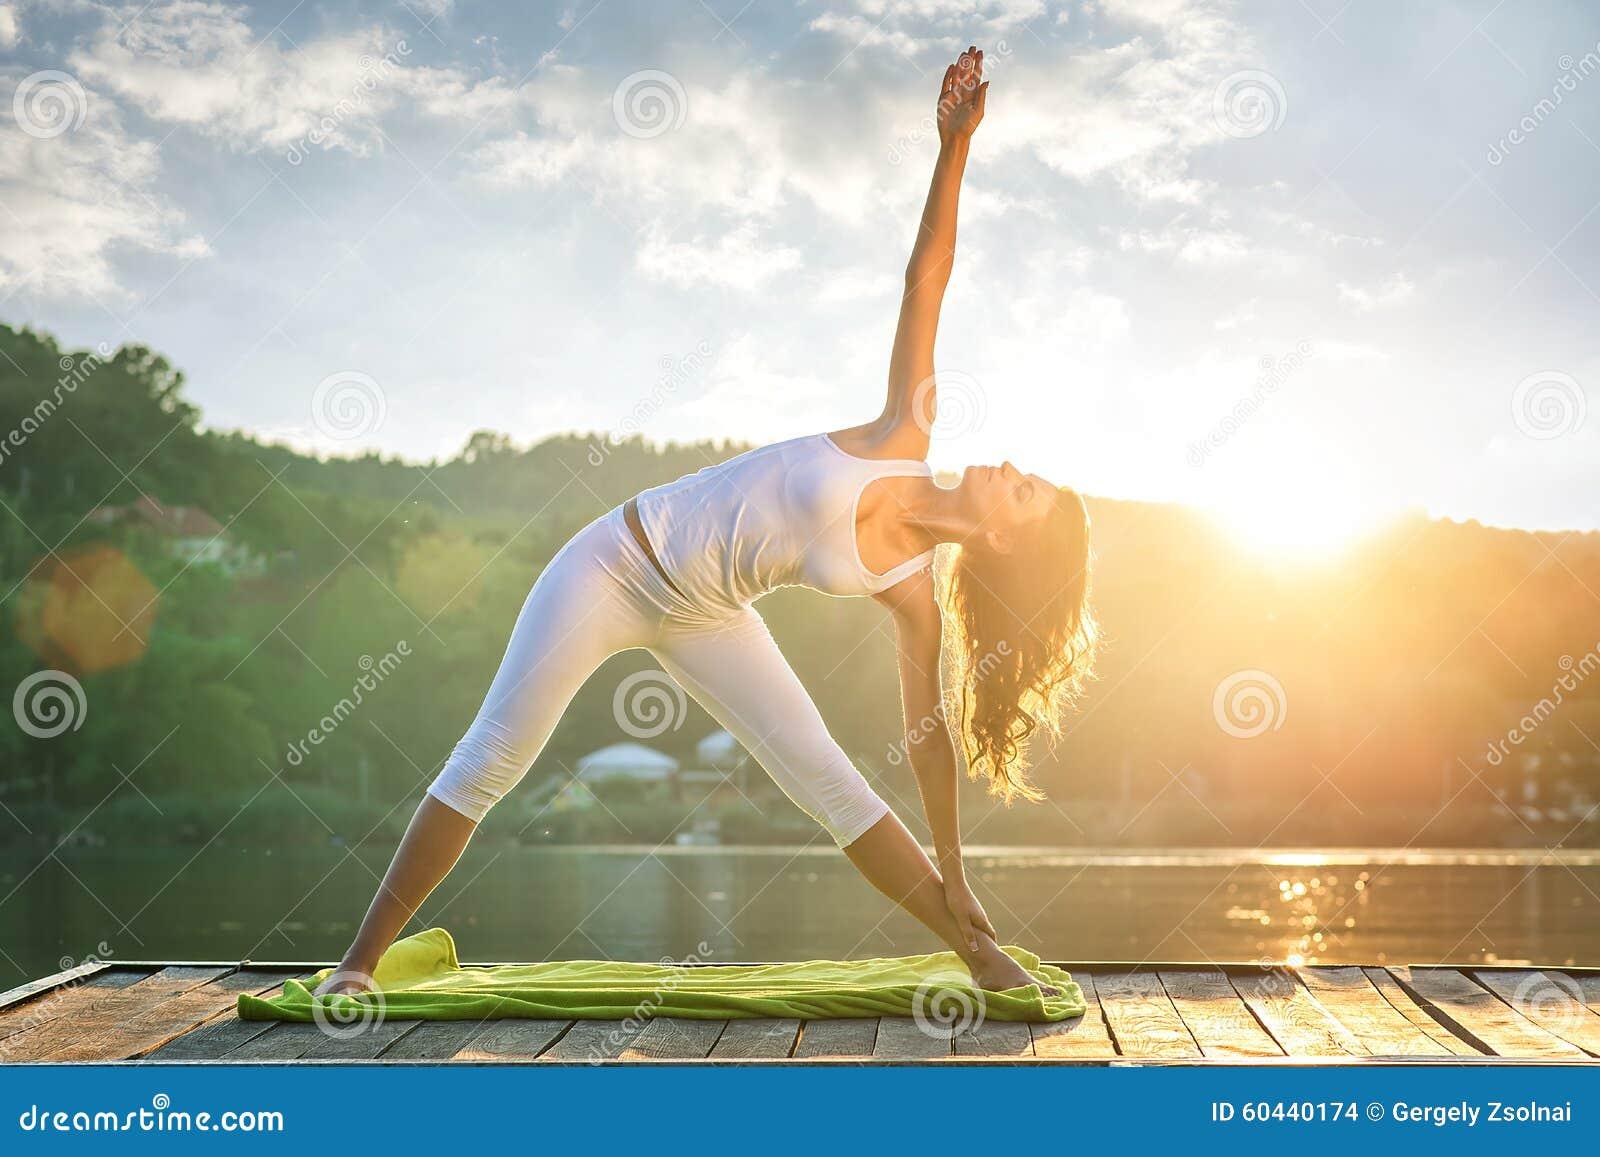 Woman doing yoga on the lake